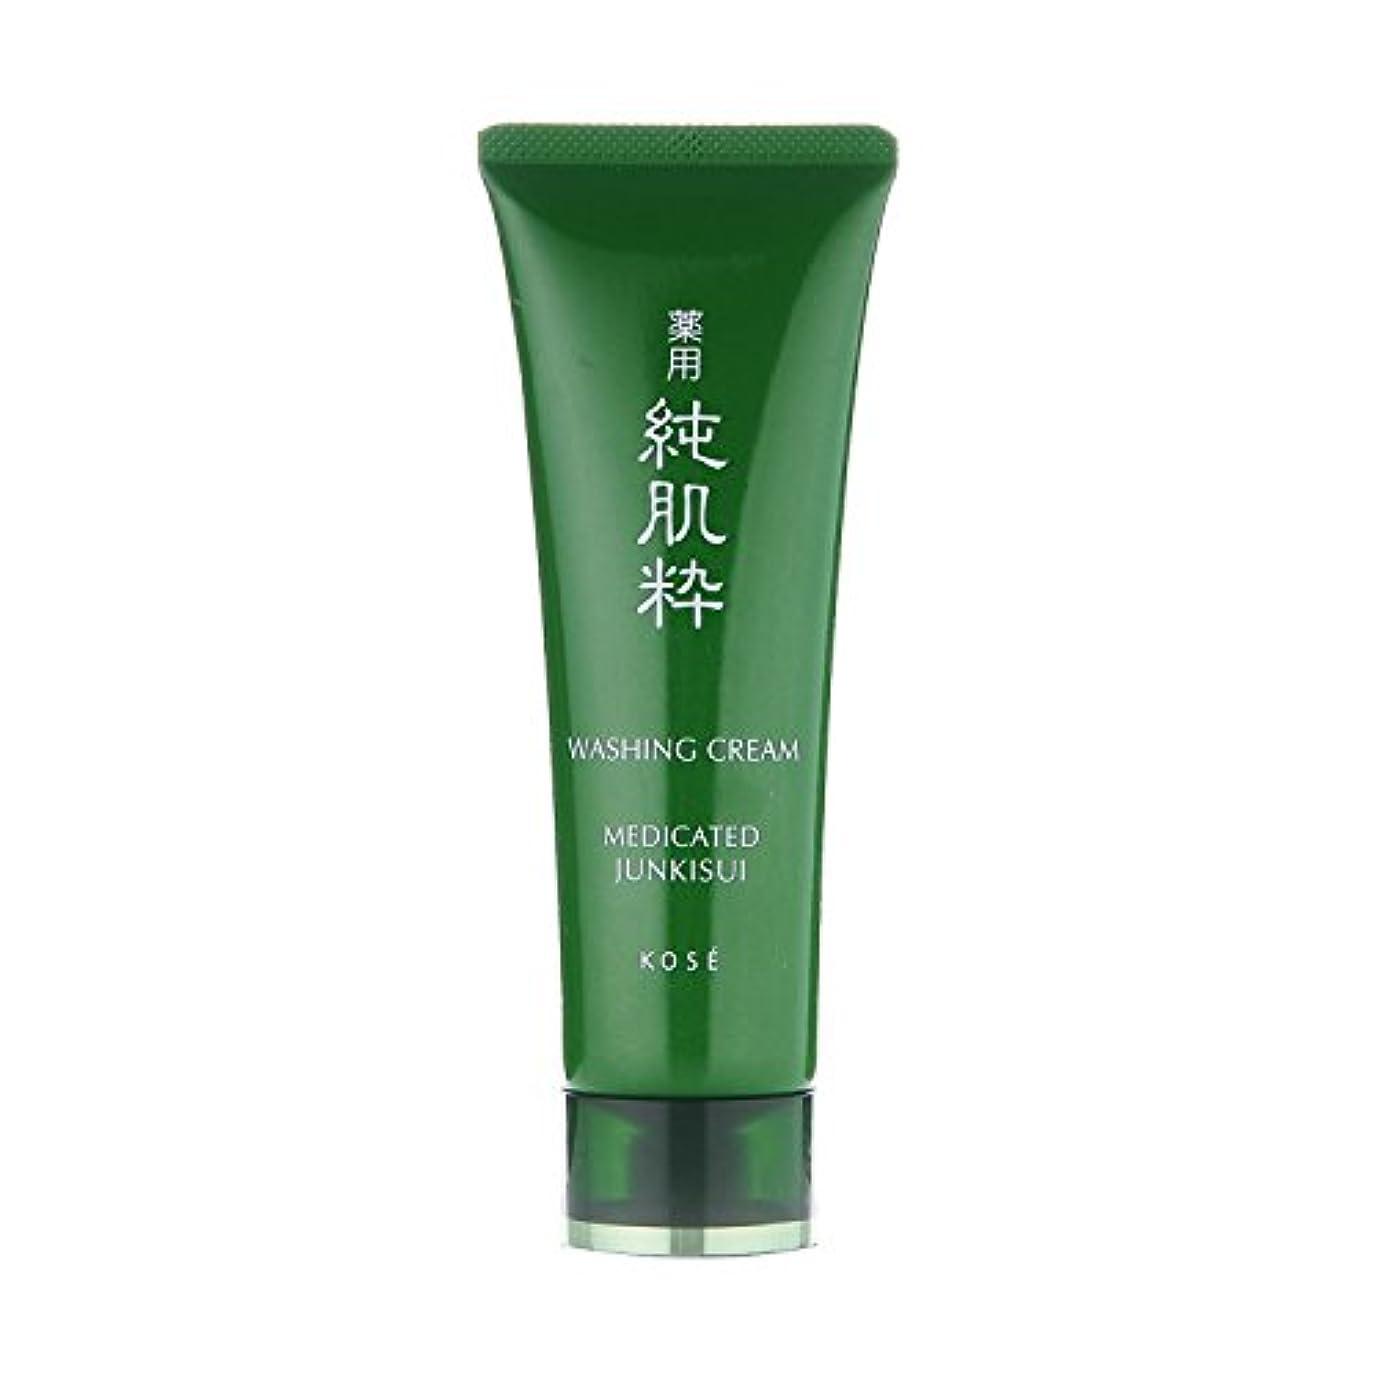 親指シンポジウム皿薬用 純肌粋 洗顔クリーム 120g <24304>